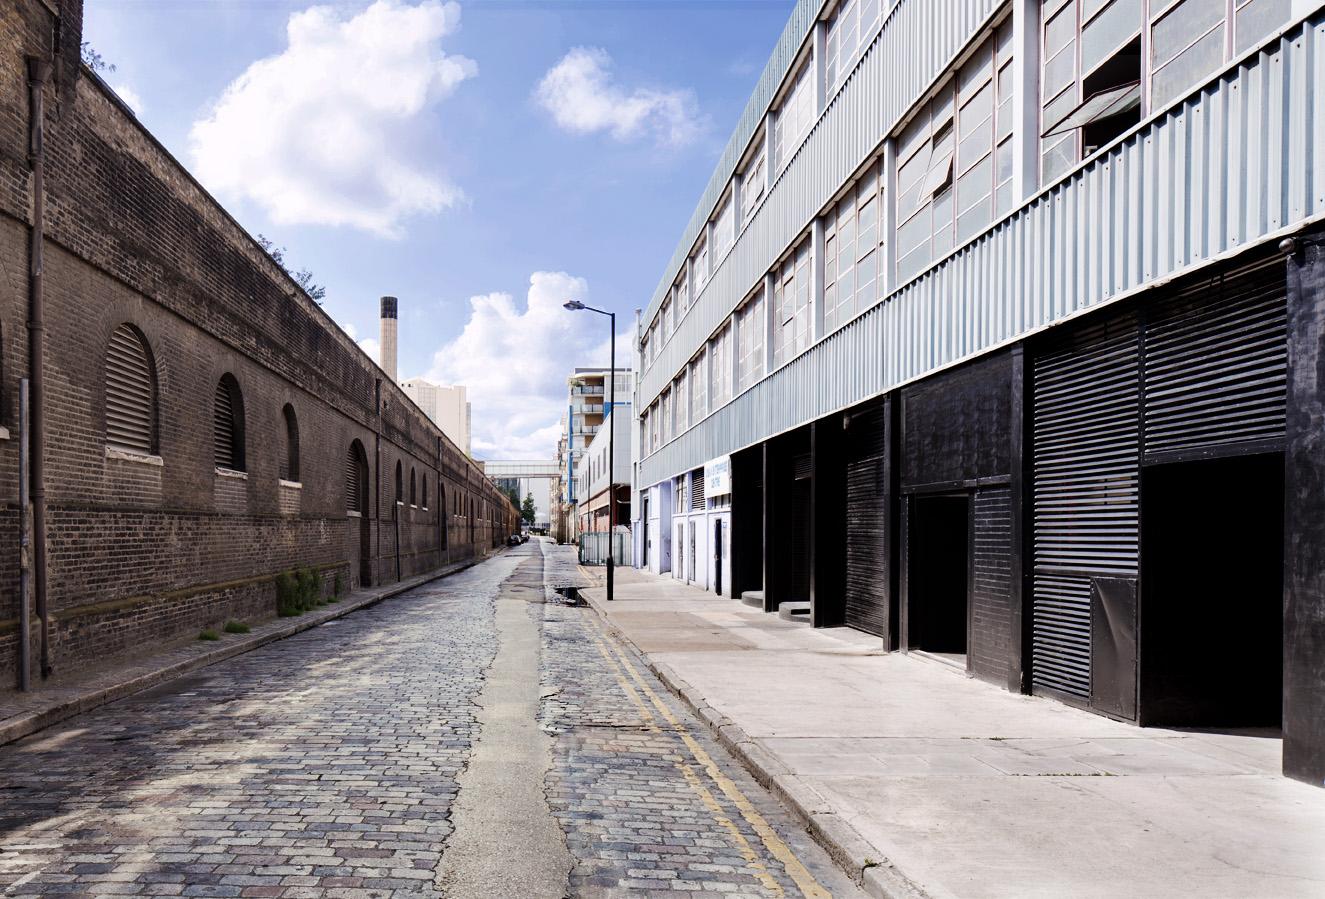 Pennington_Street.jpg